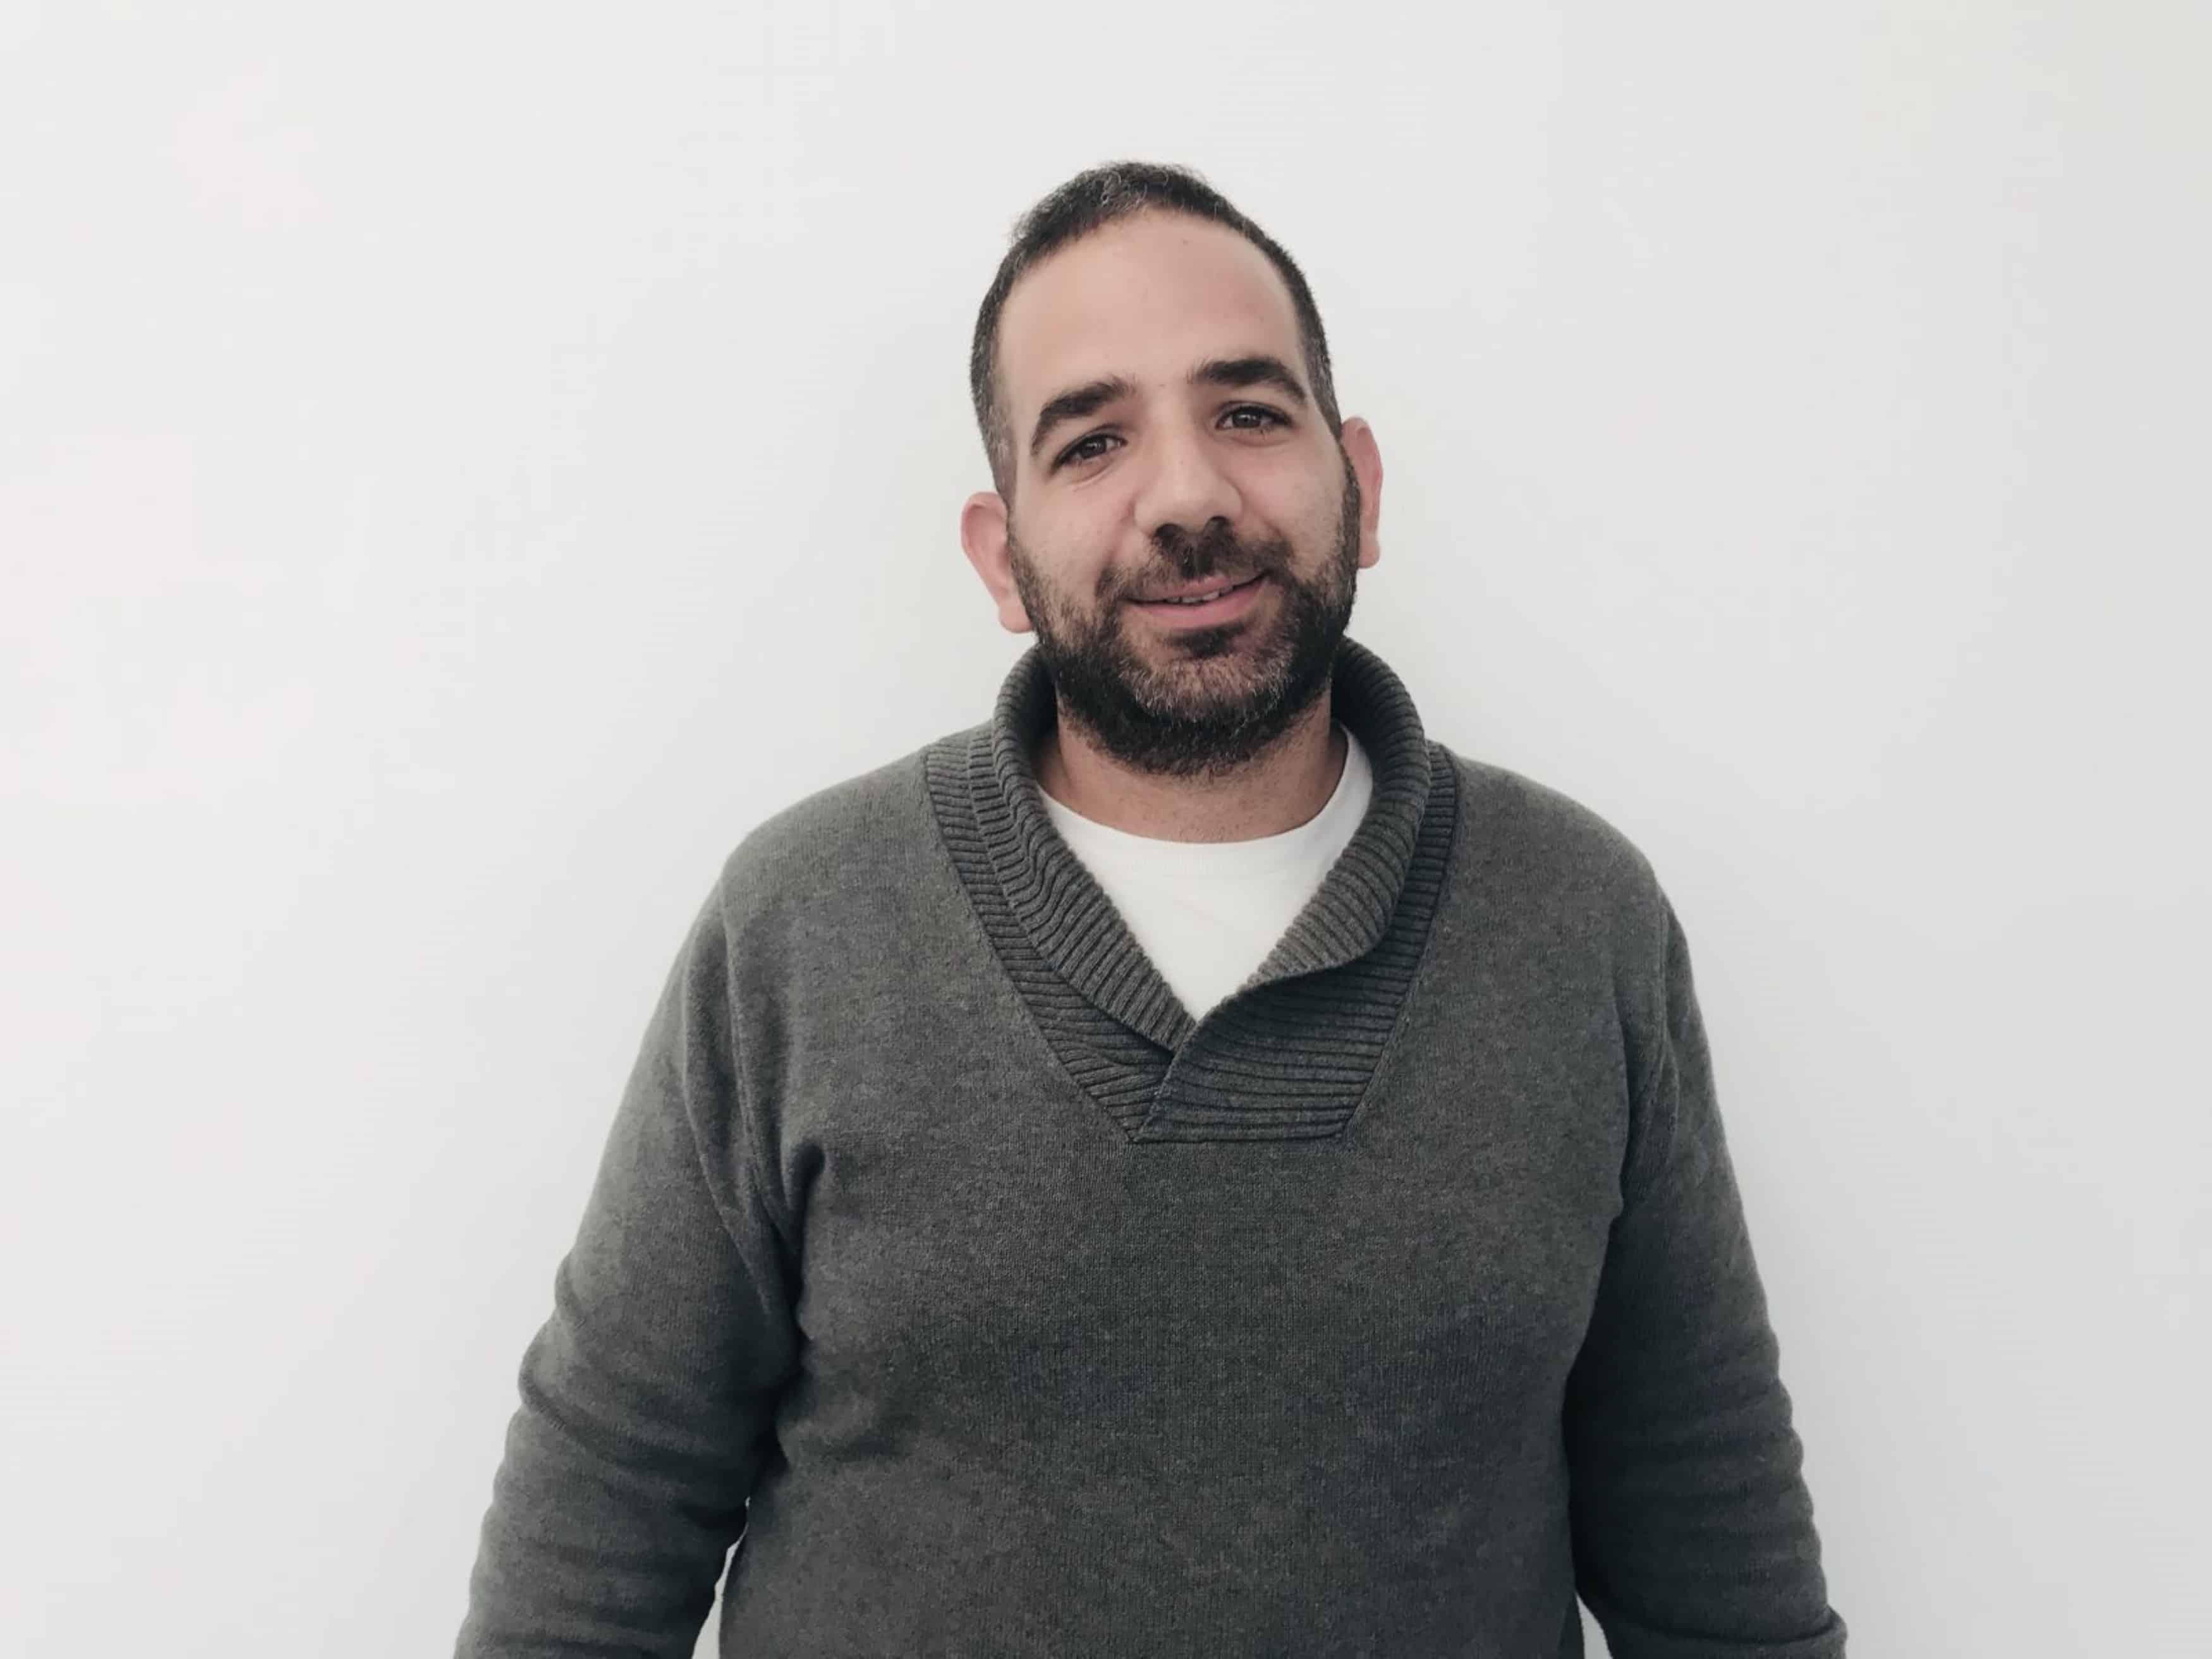 טל זנזורי סמנכל חטיבת הקבלנים ברהיטי דורון- צילום אסף טייכמן